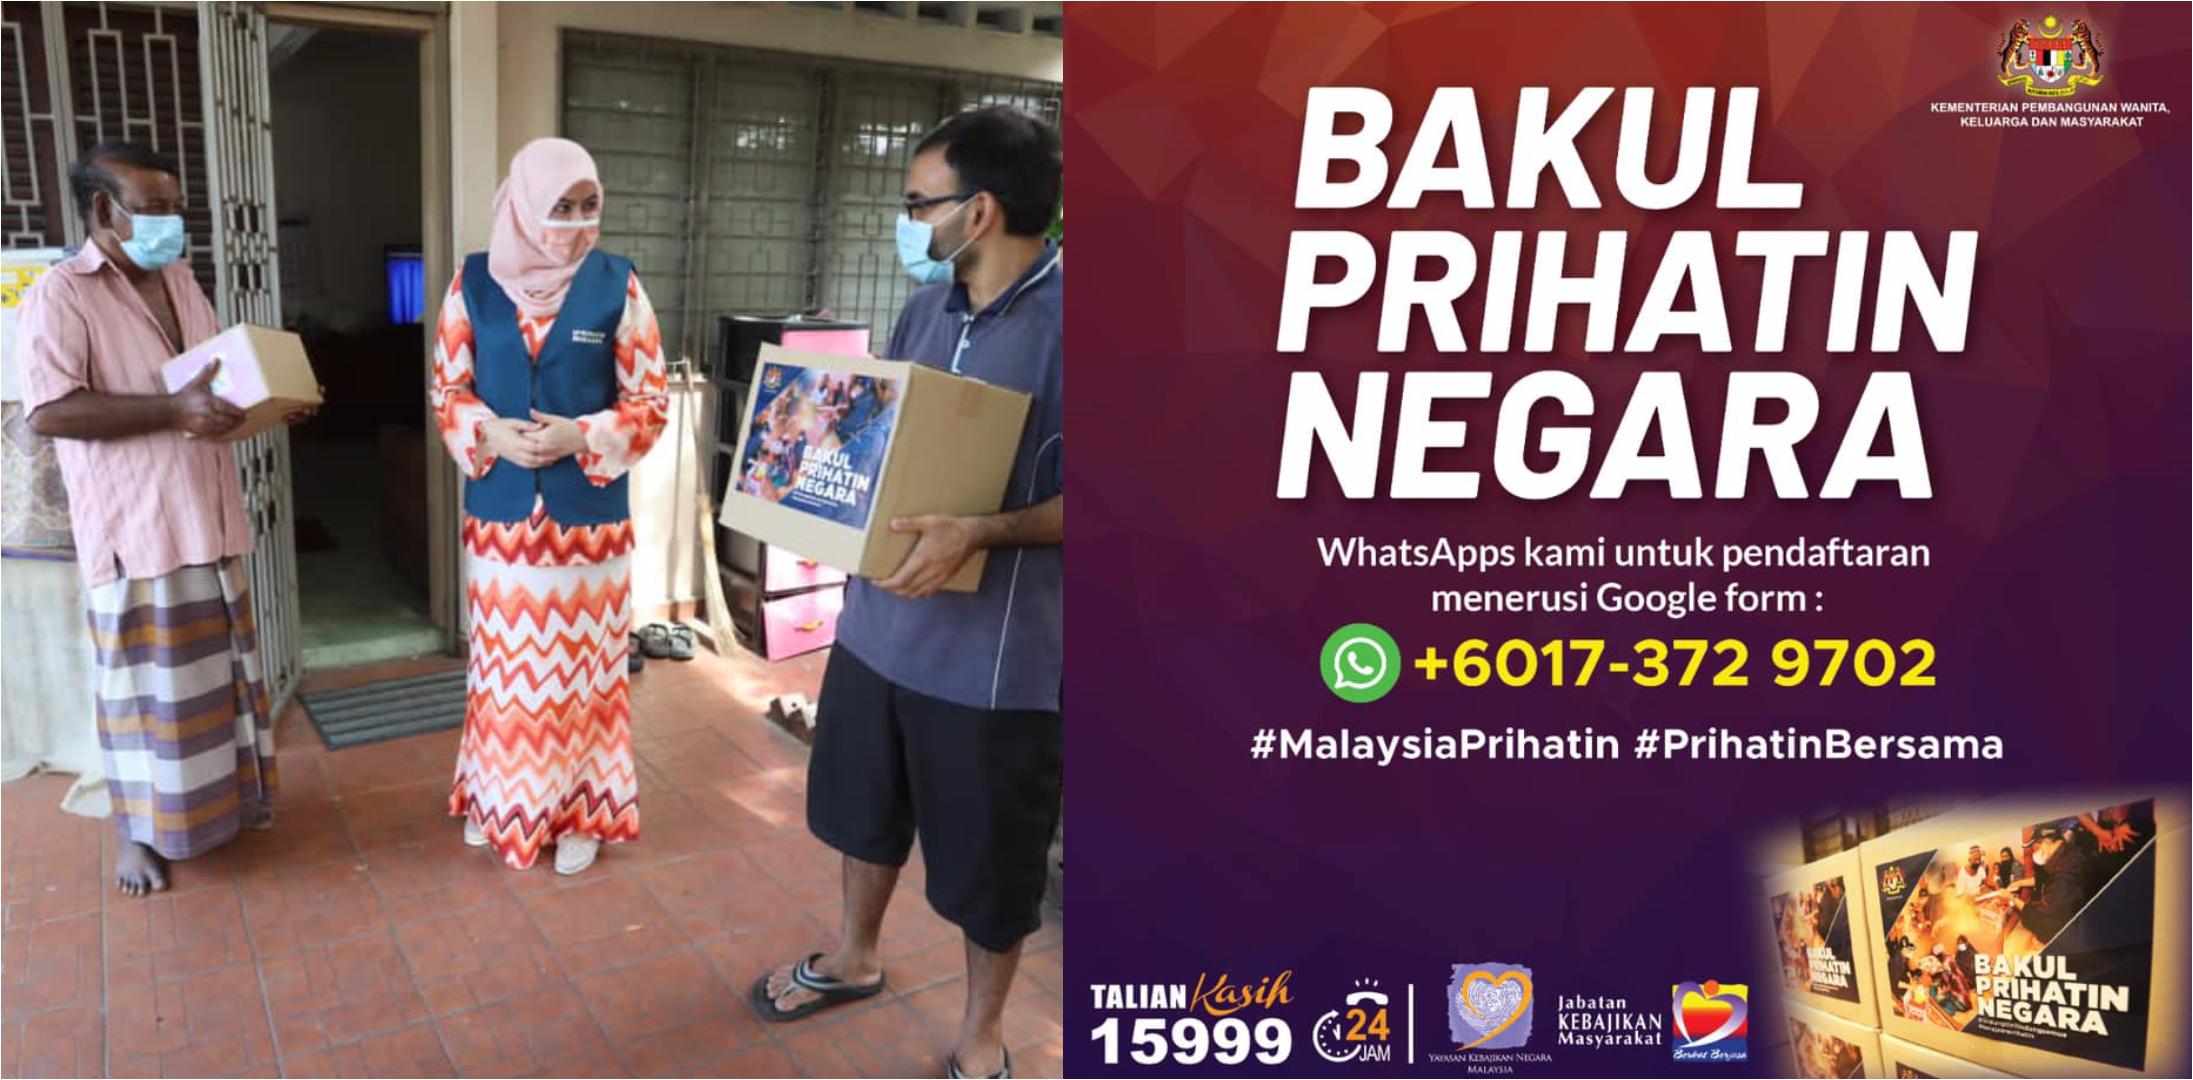 丽娜哈伦(左图中)移交食物篮给受惠者。-图摘自KPWKM脸书/精彩大马制图-